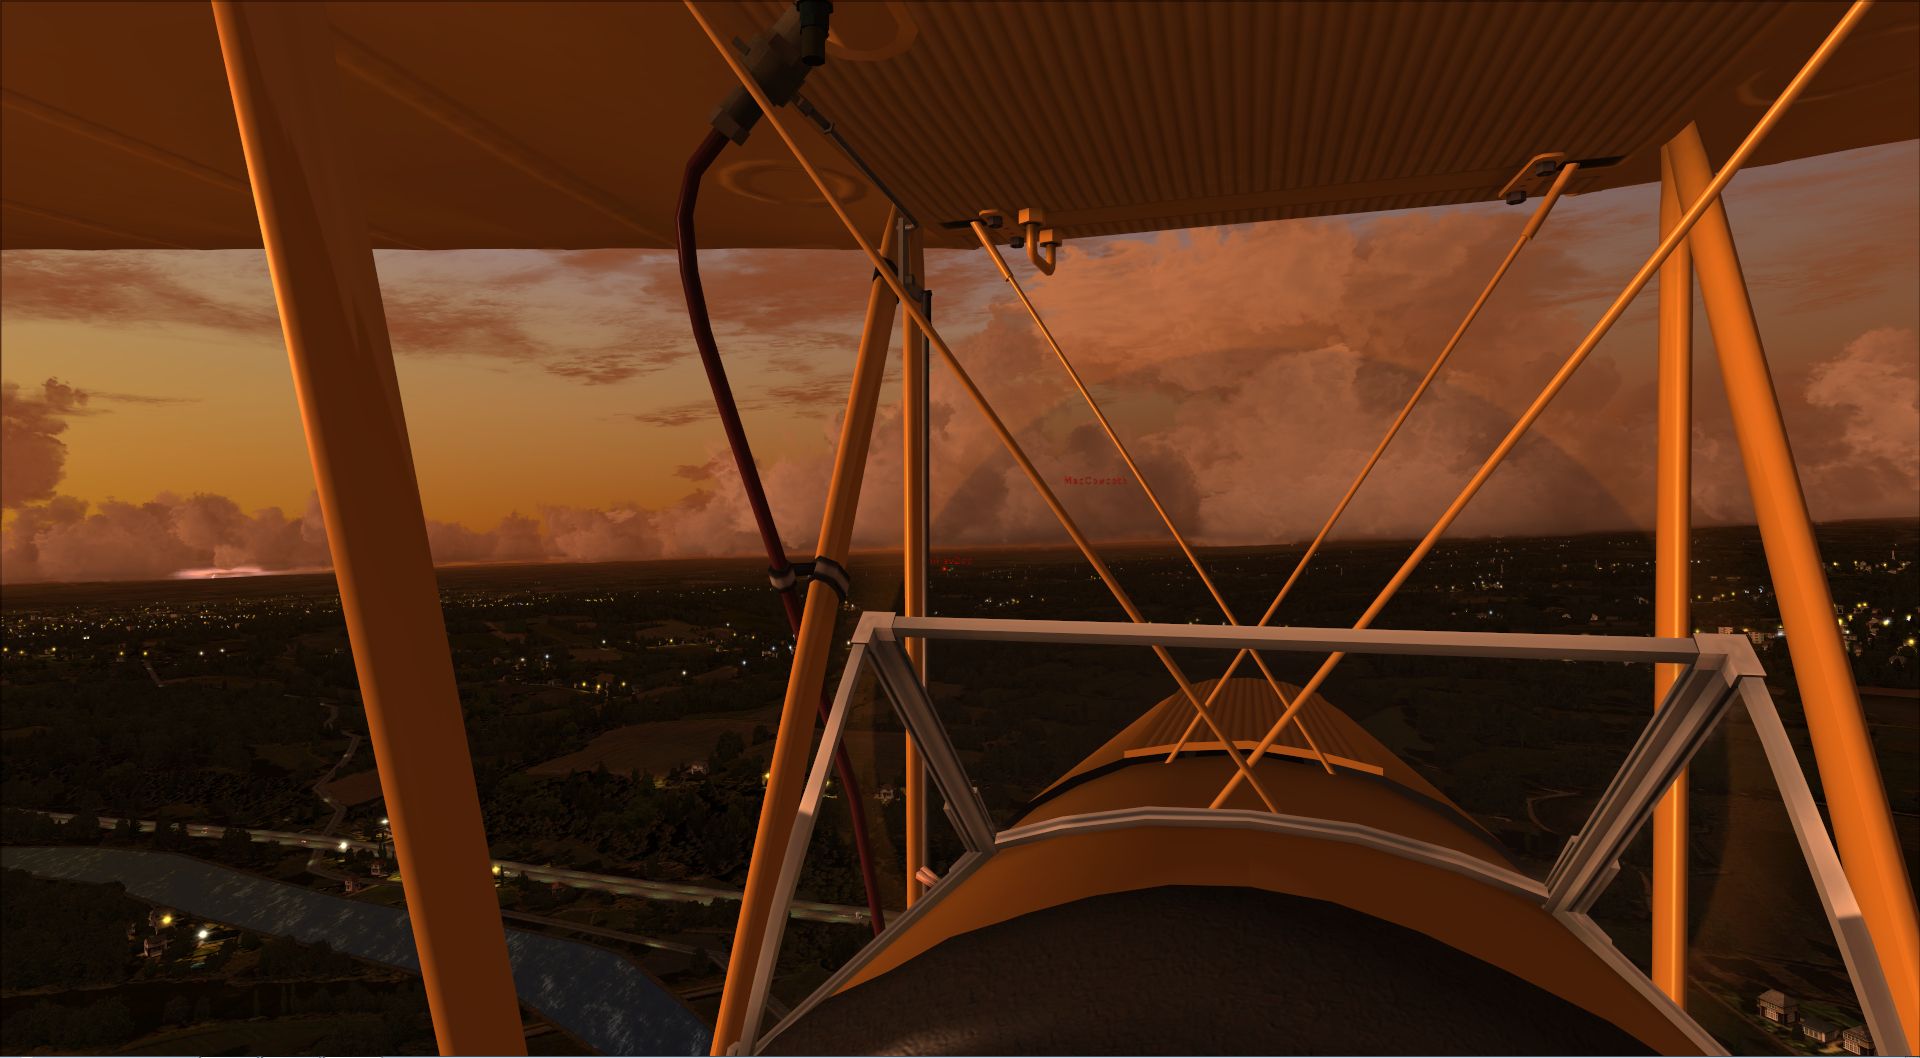 Le vol de dimanche matin, un samedi après midi la nuit 2903432014426124354707